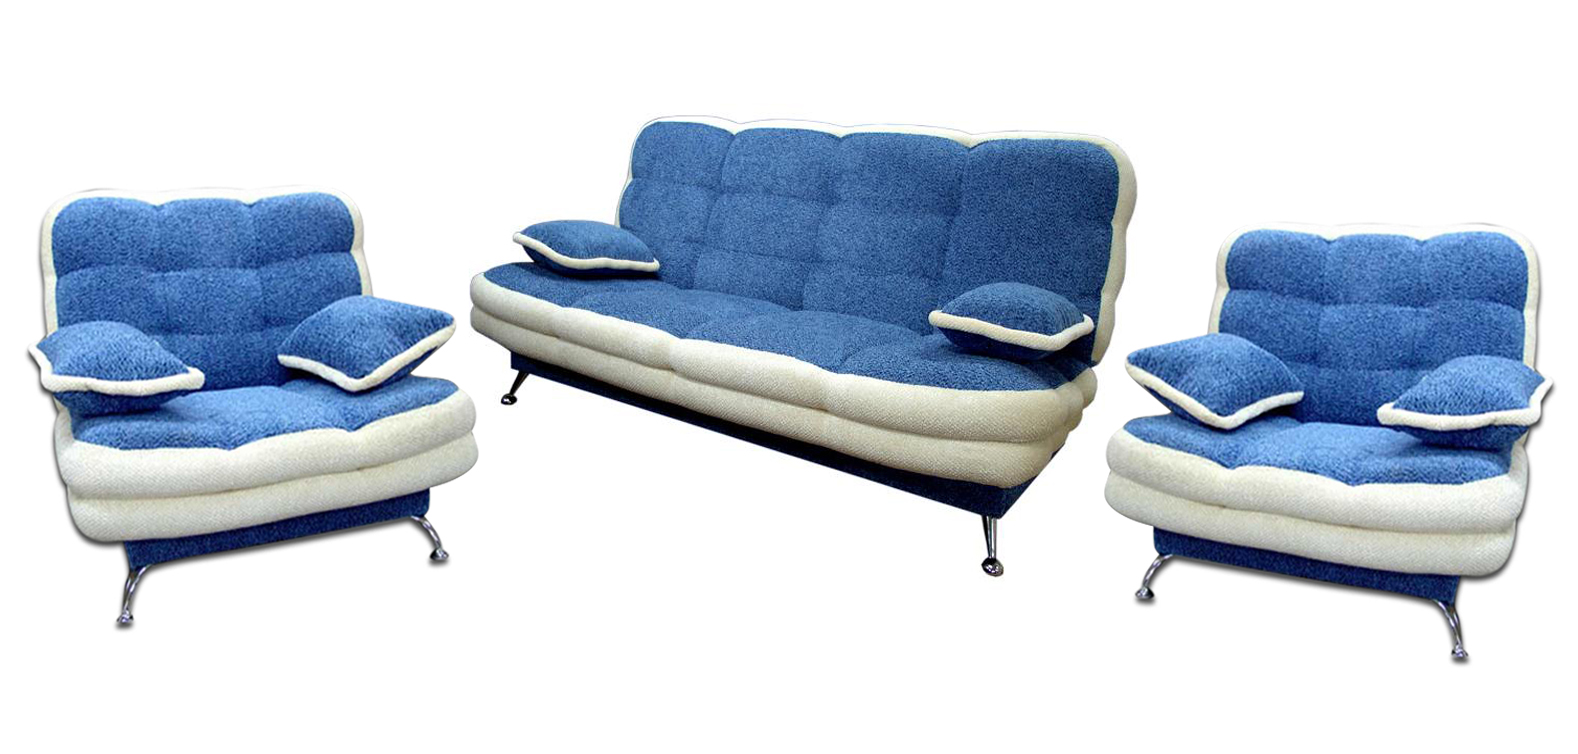 Комплект мягкой мебели Вента-1 3+1+1